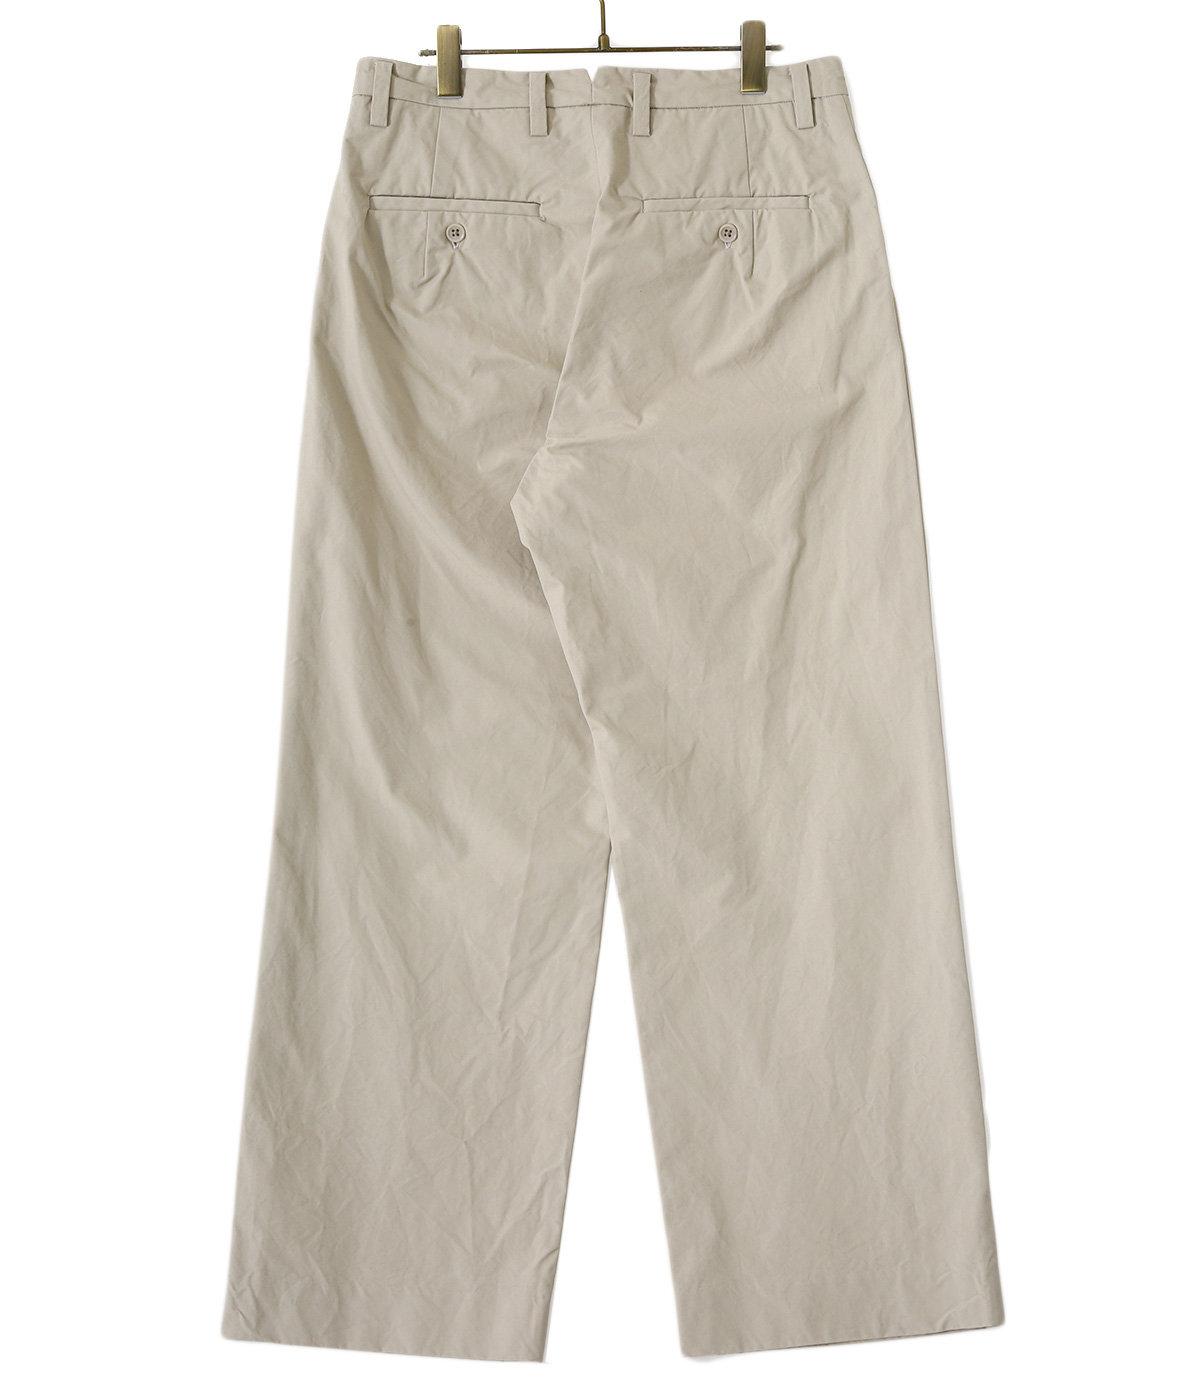 PANTS - 41613 -